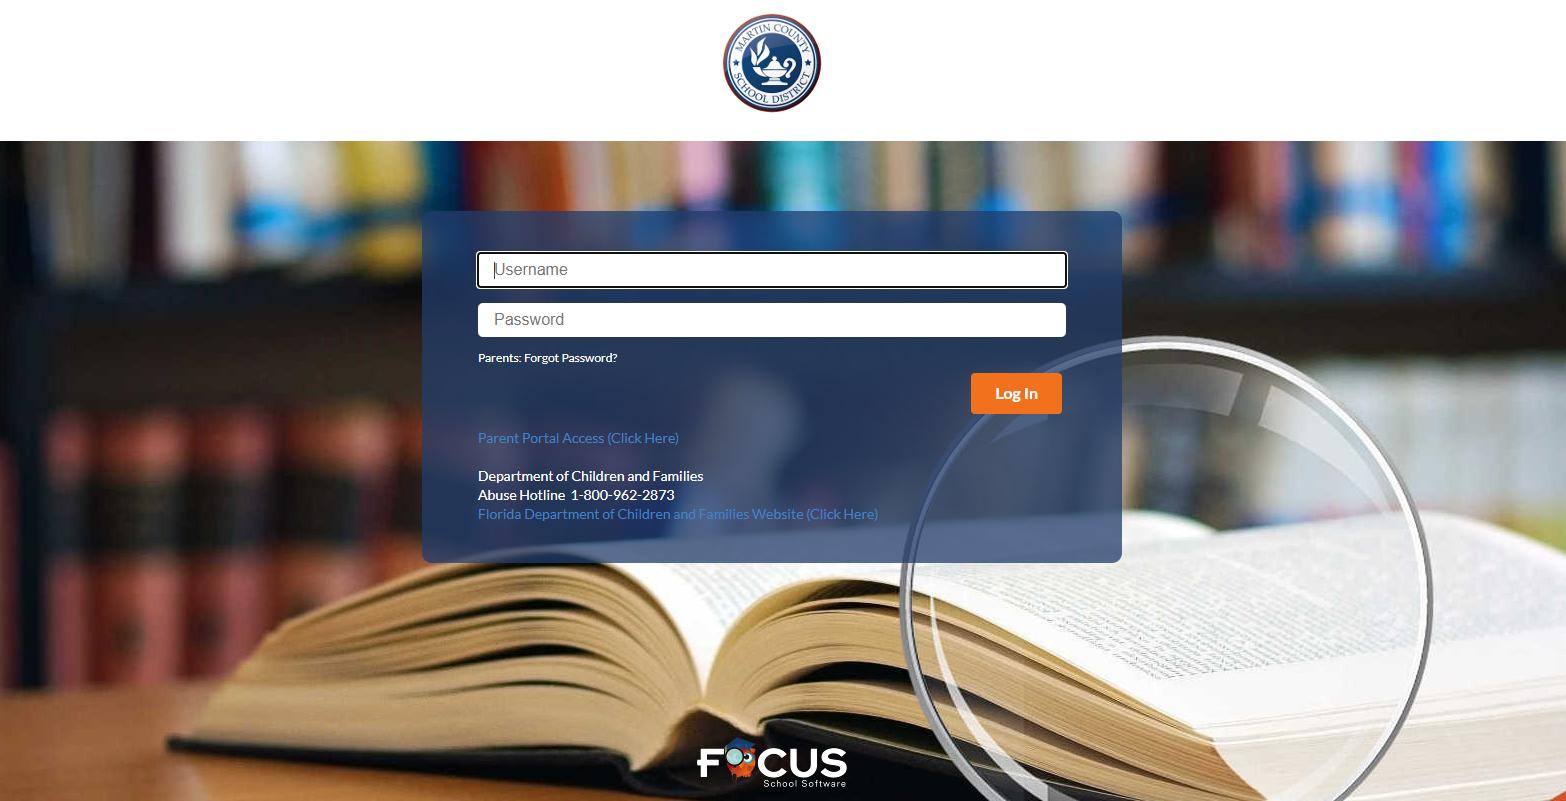 Focus Parent Portal